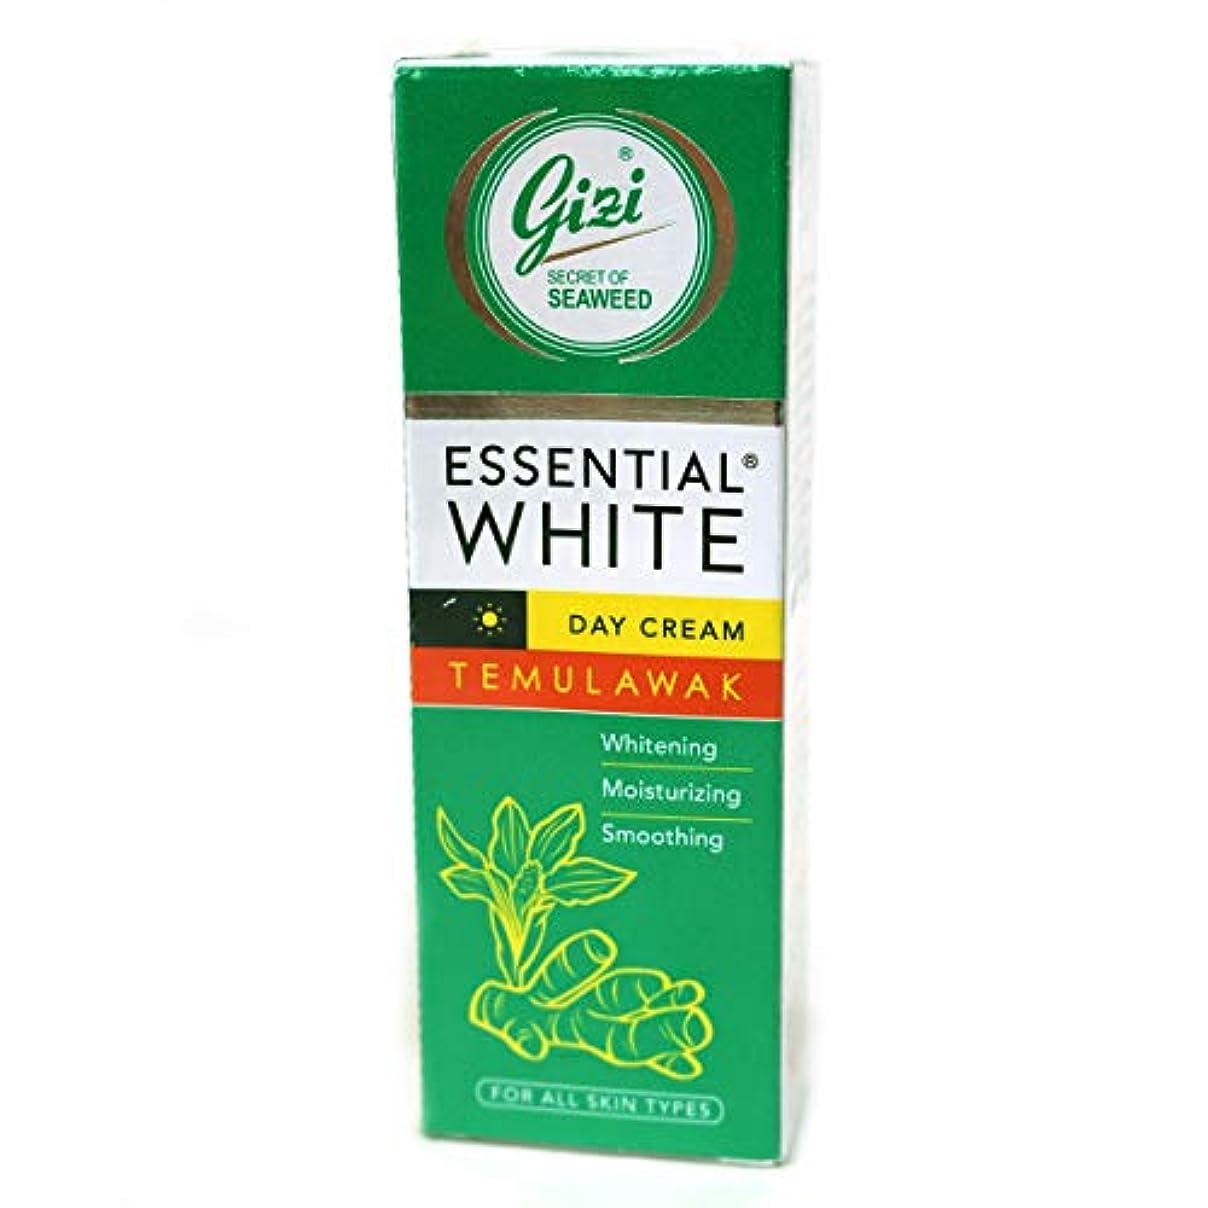 飾り羽盗難計り知れないギジ gizi Essential White 日中用スキンケアクリーム チューブタイプ 18g テムラワク ウコン など天然成分配合 [海外直送品]